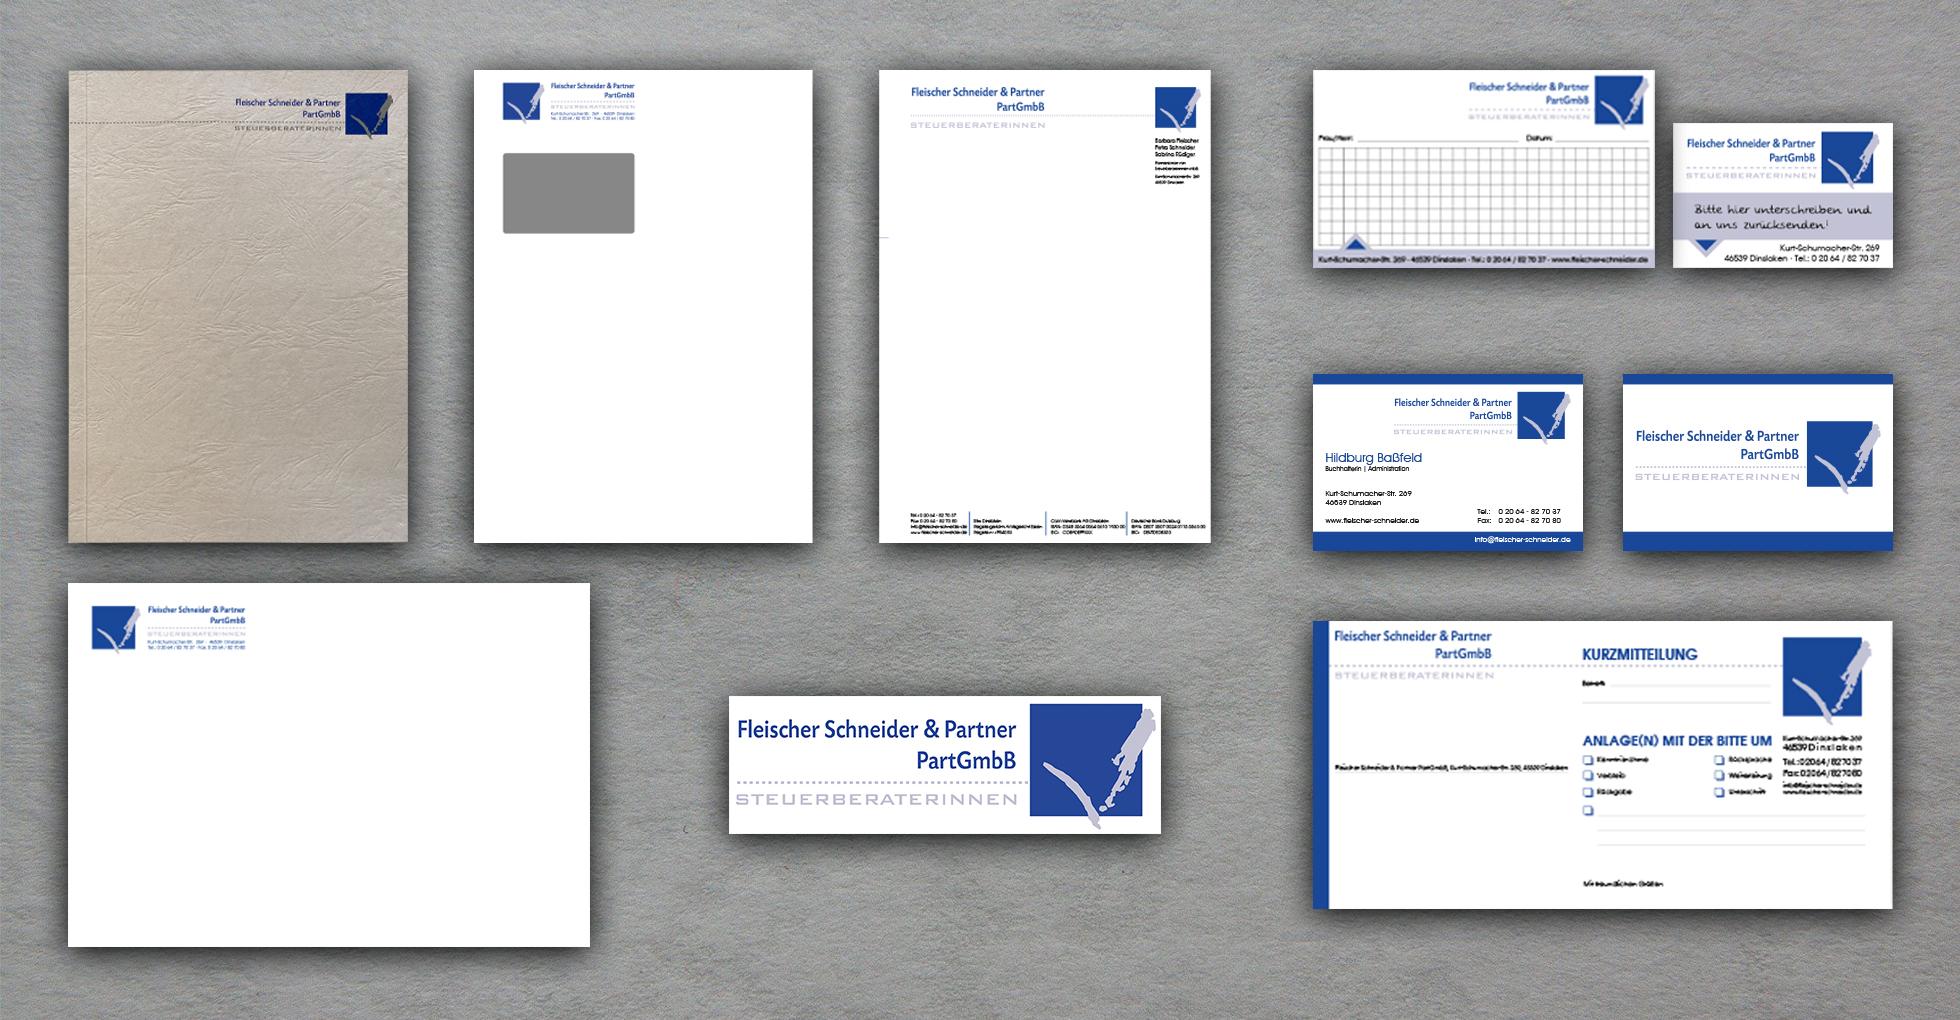 Geschäftsausstattung, Logo, Bilanzdeckel, Heftnotizen, Kurzmitteilung